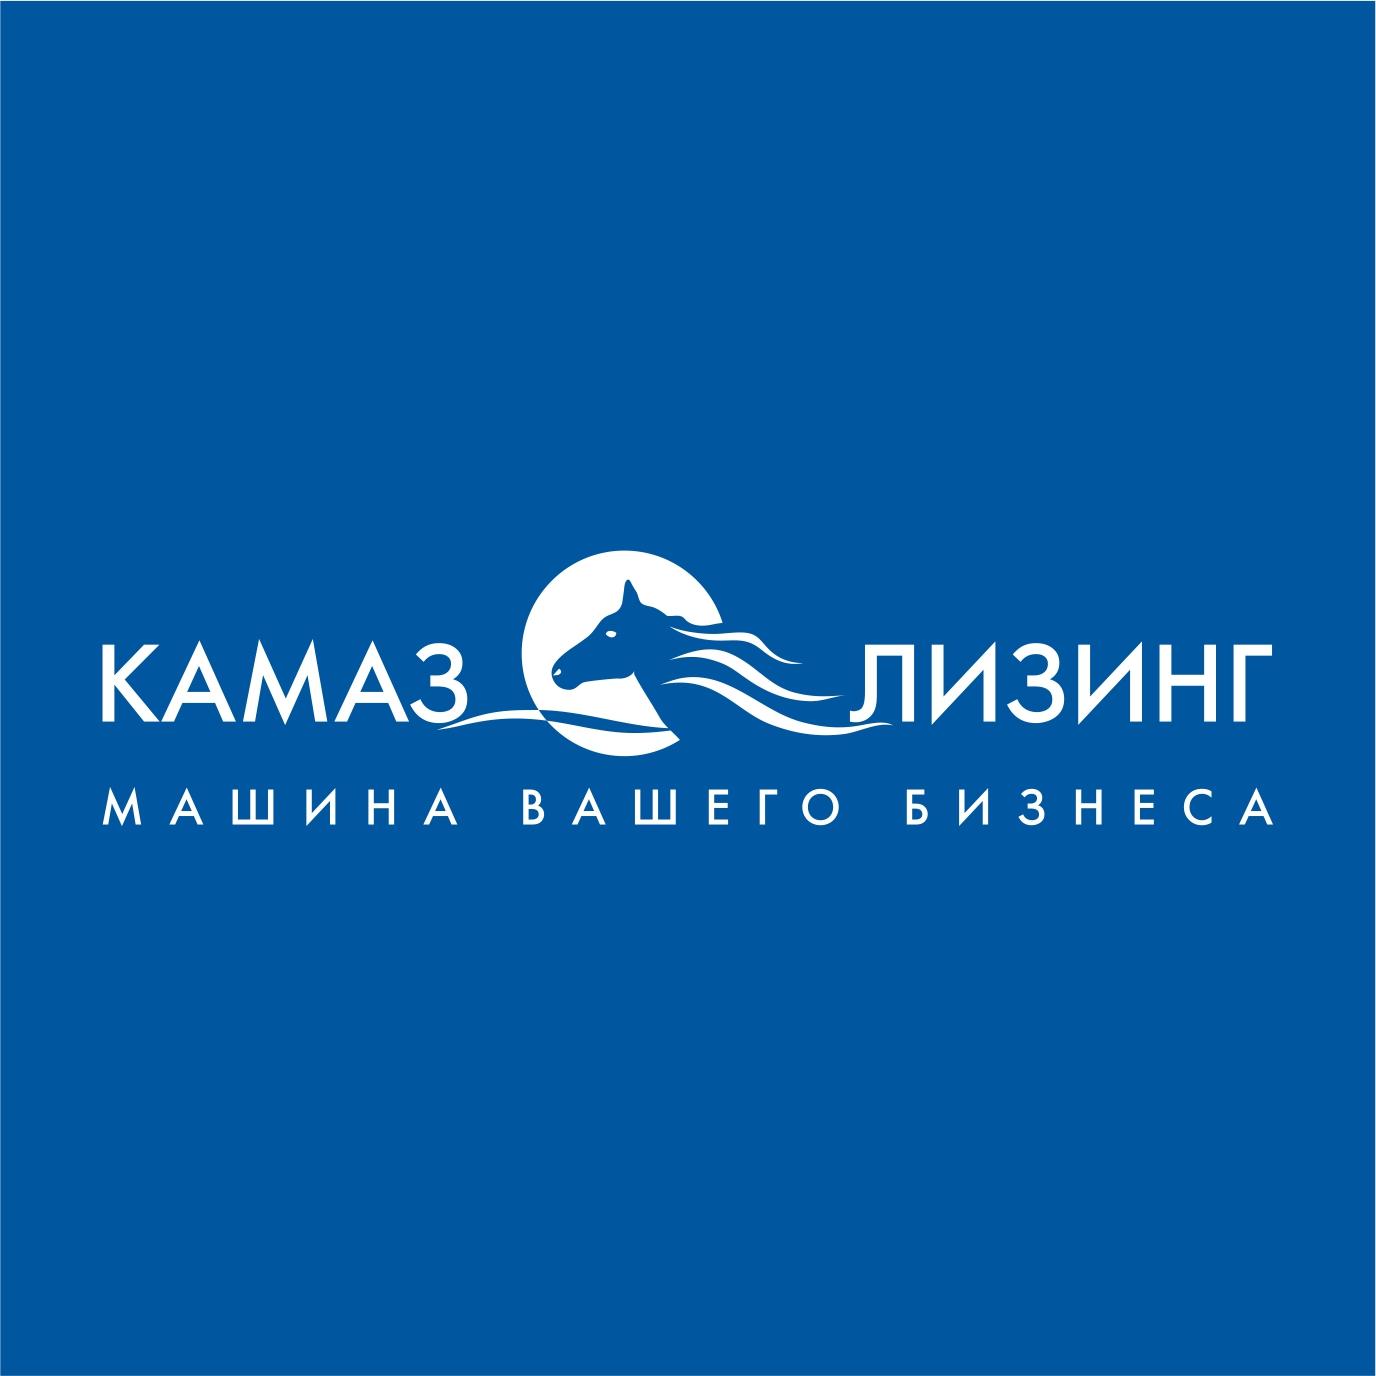 Автотехника КАМАЗ по новым госпрограммам субсидирования